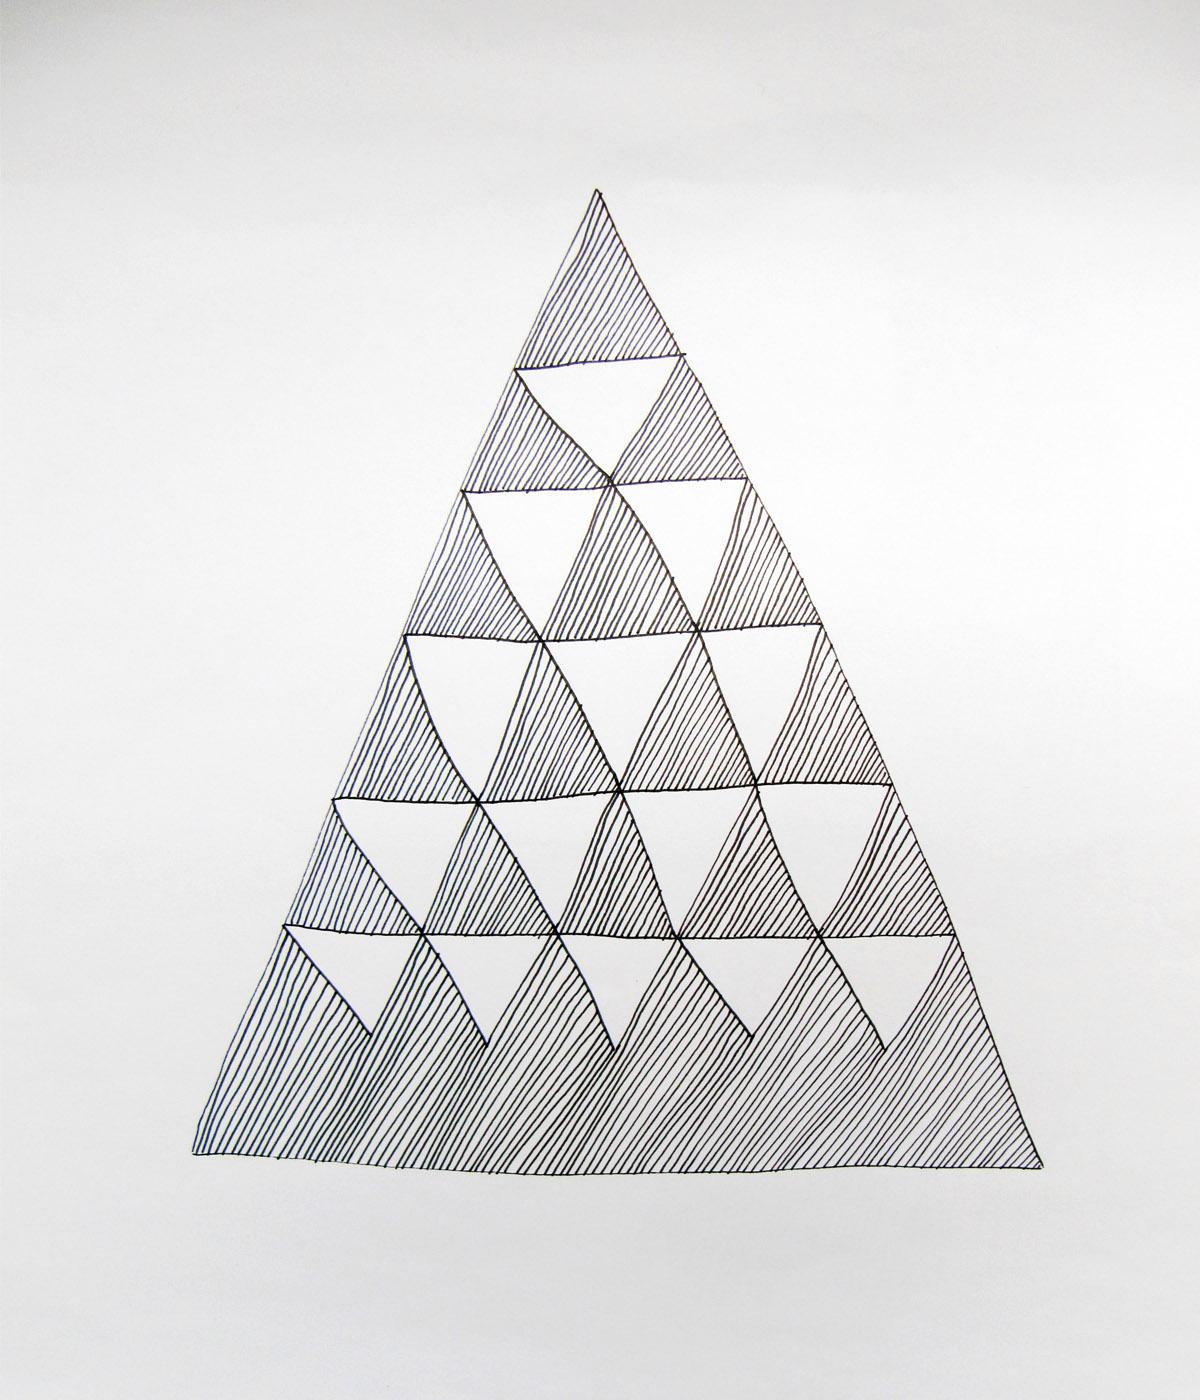 2009 - 2011 Untitled 2 | Liat Klein